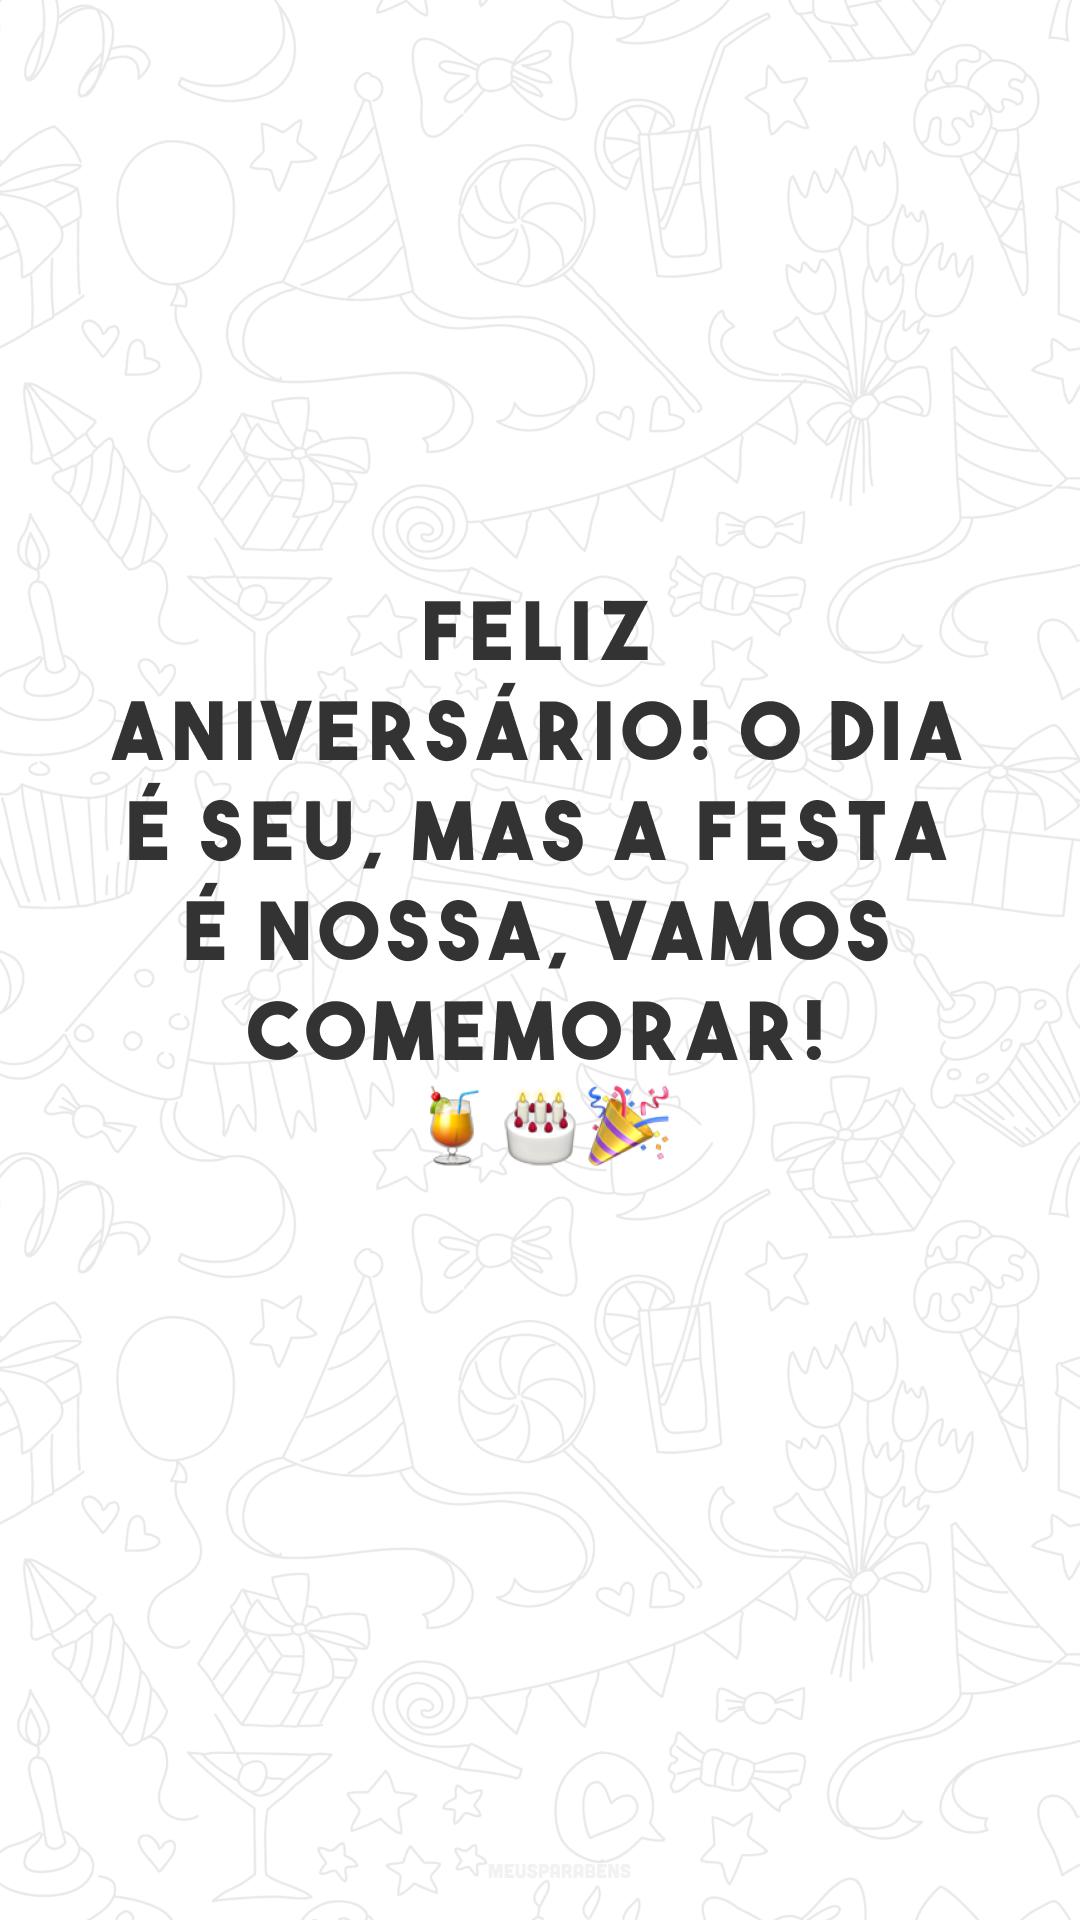 Feliz aniversário! O dia é seu, mas a festa é nossa, vamos comemorar! 🍹🎂🎉